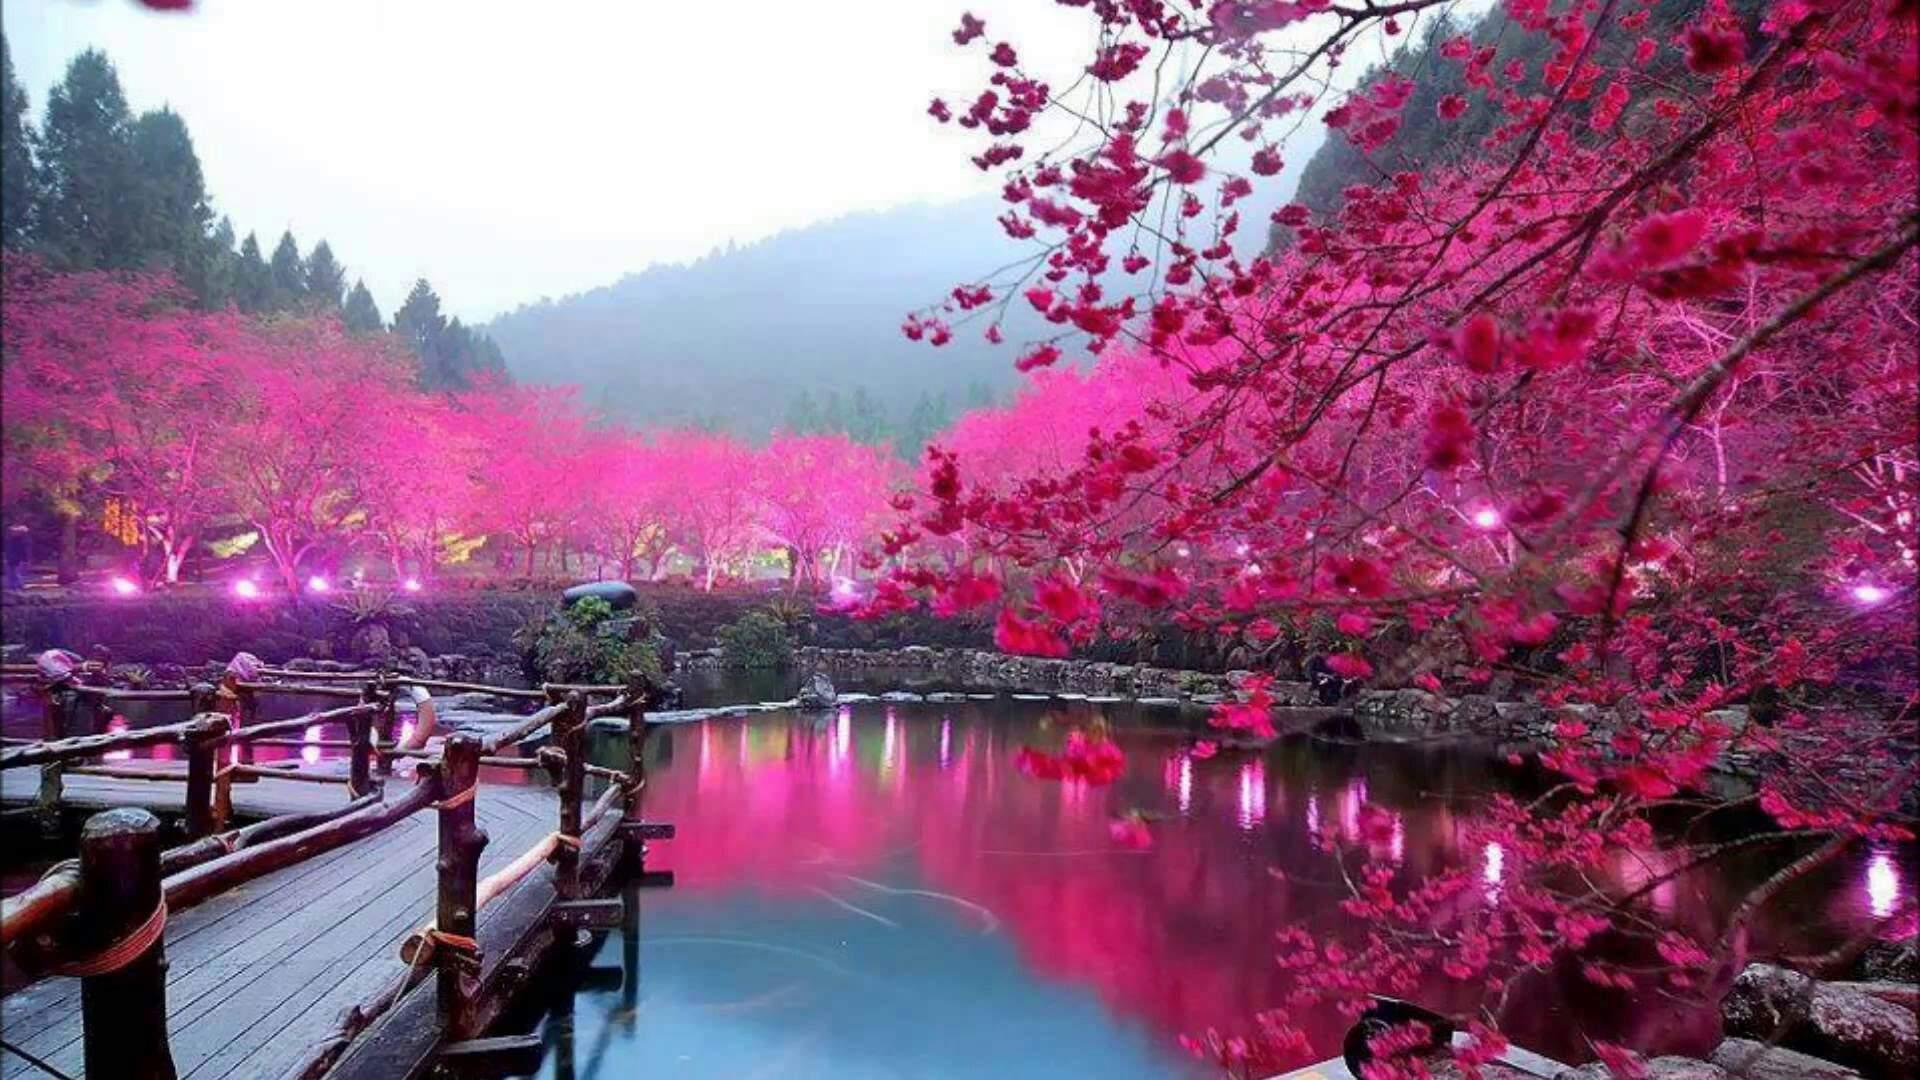 Ảnh phong cảnh màu xuân đẹp nhất